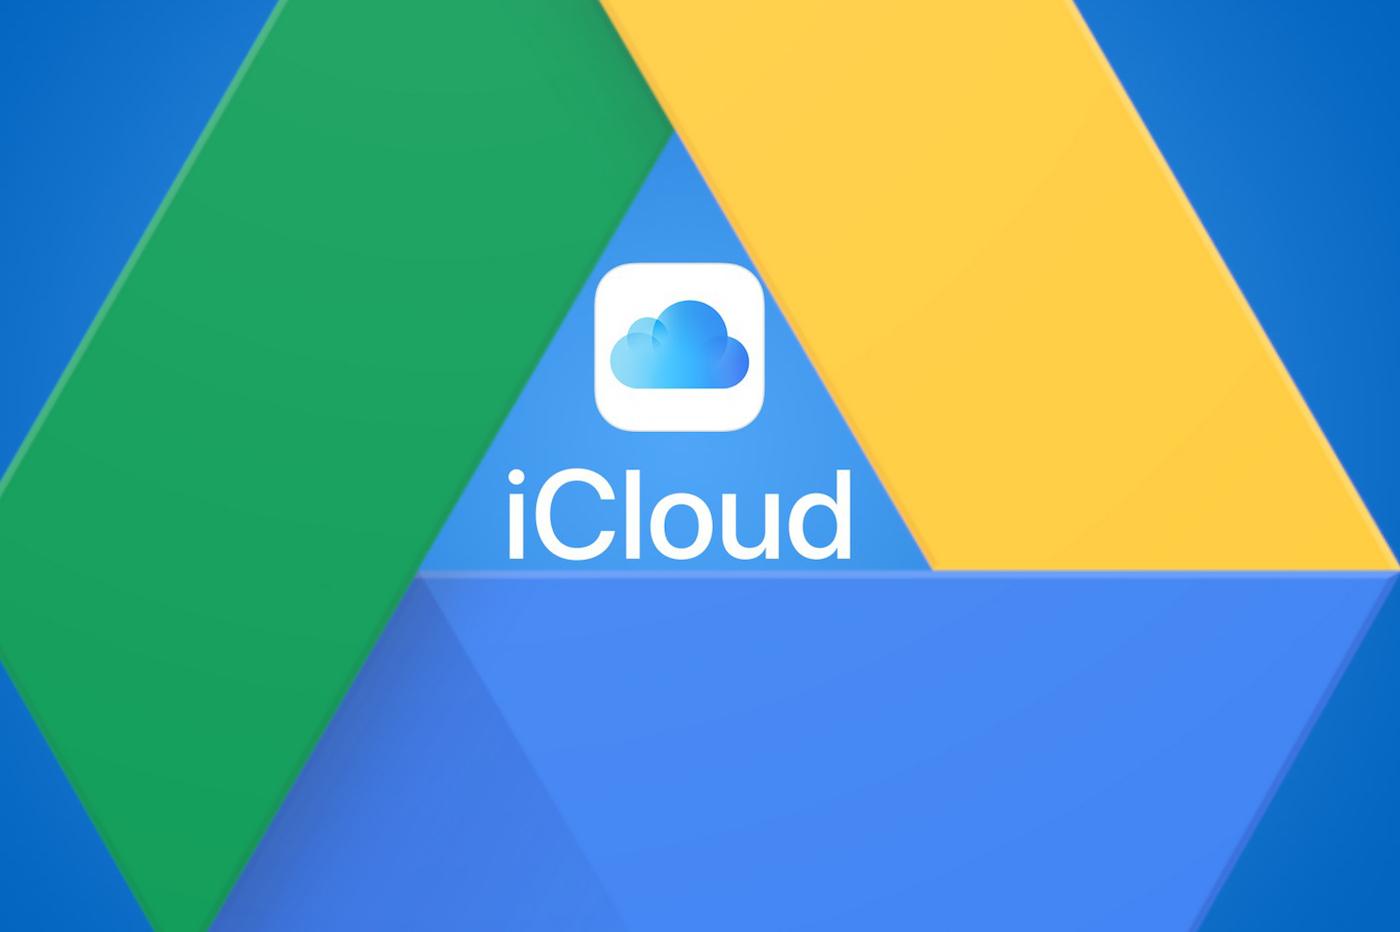 Apple et Google collaborent pour simplifier le transfert entre iCloud et Google Drive